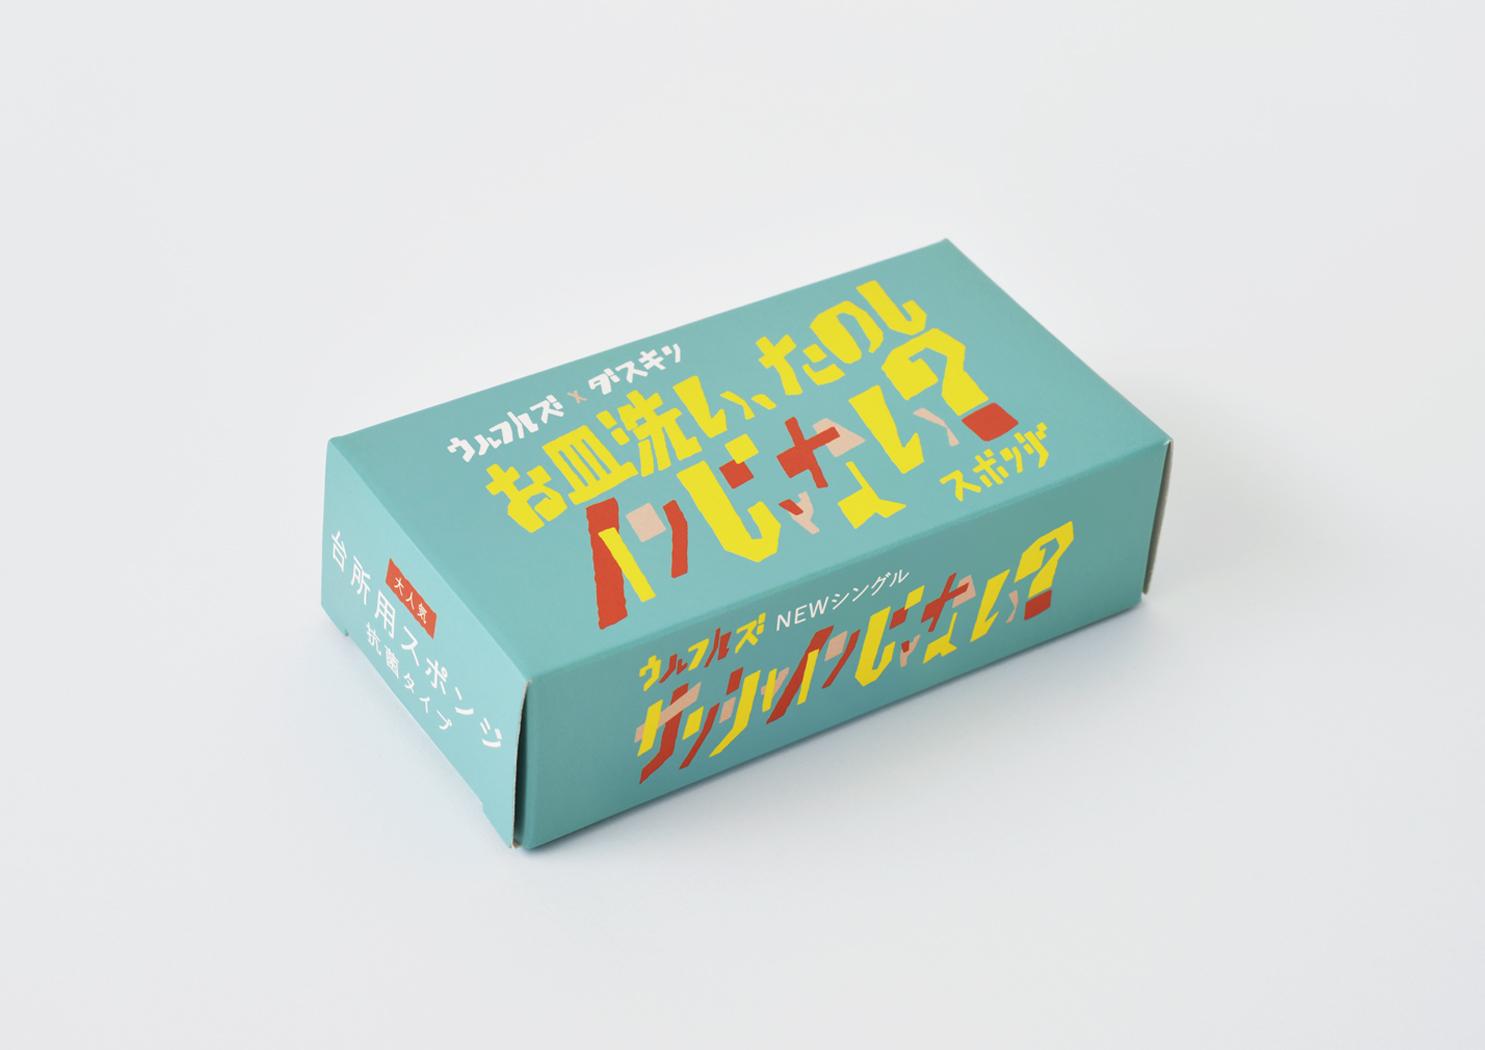 ULFULS × DUSKIN sponge package